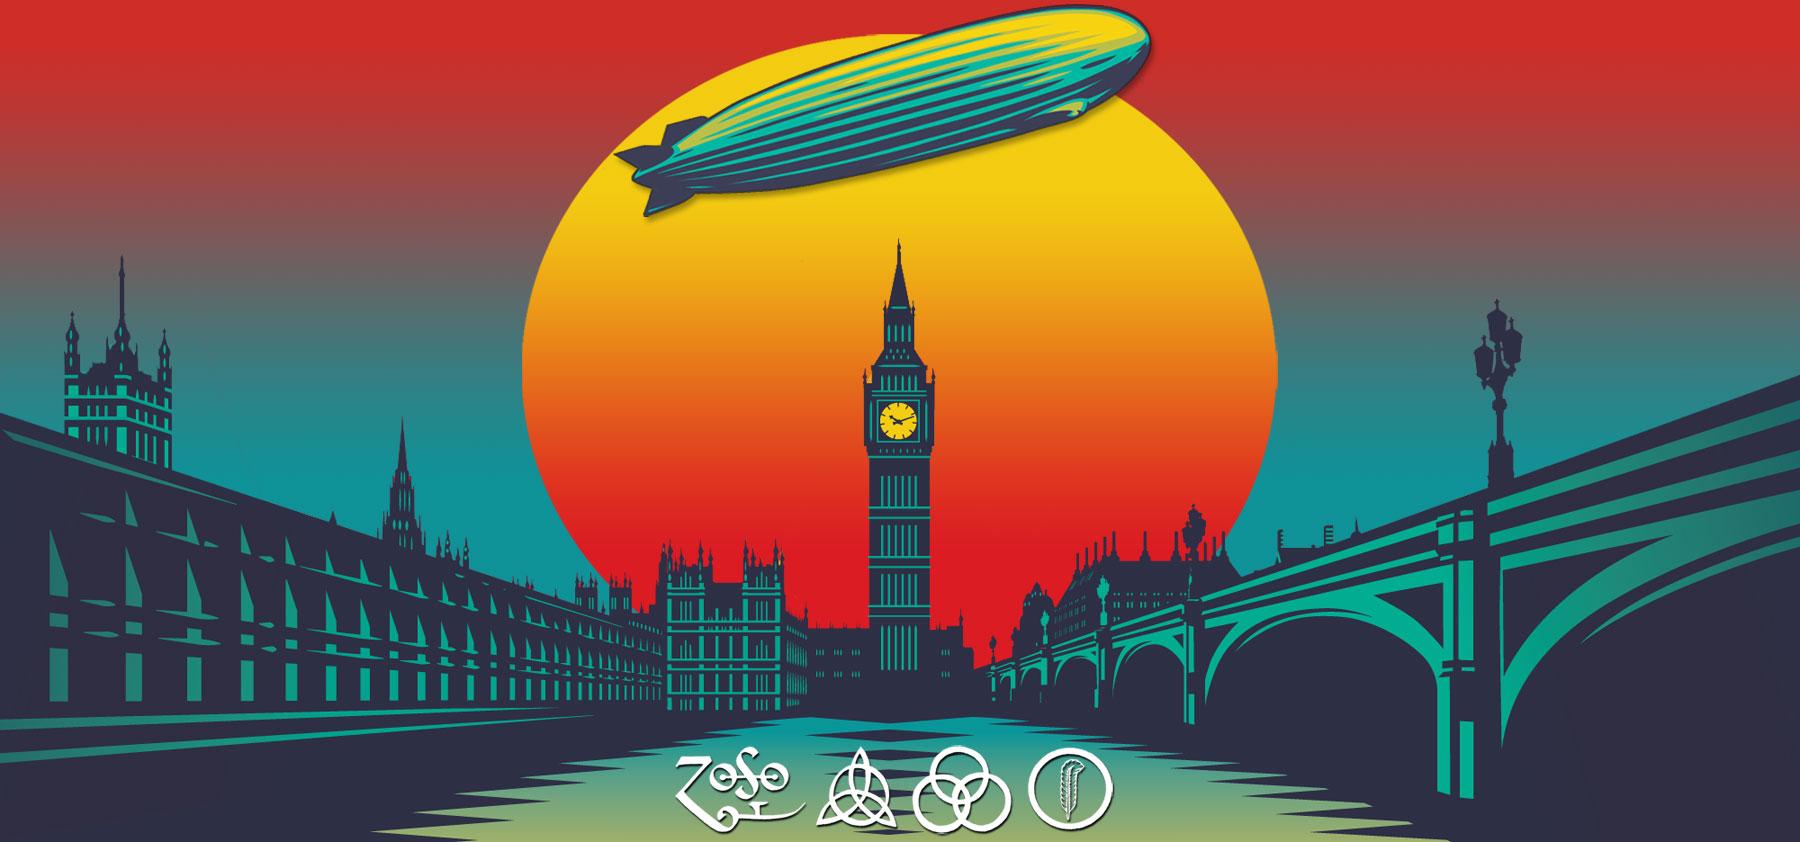 Celebration Day by Led Zeppelin 11/19/2012